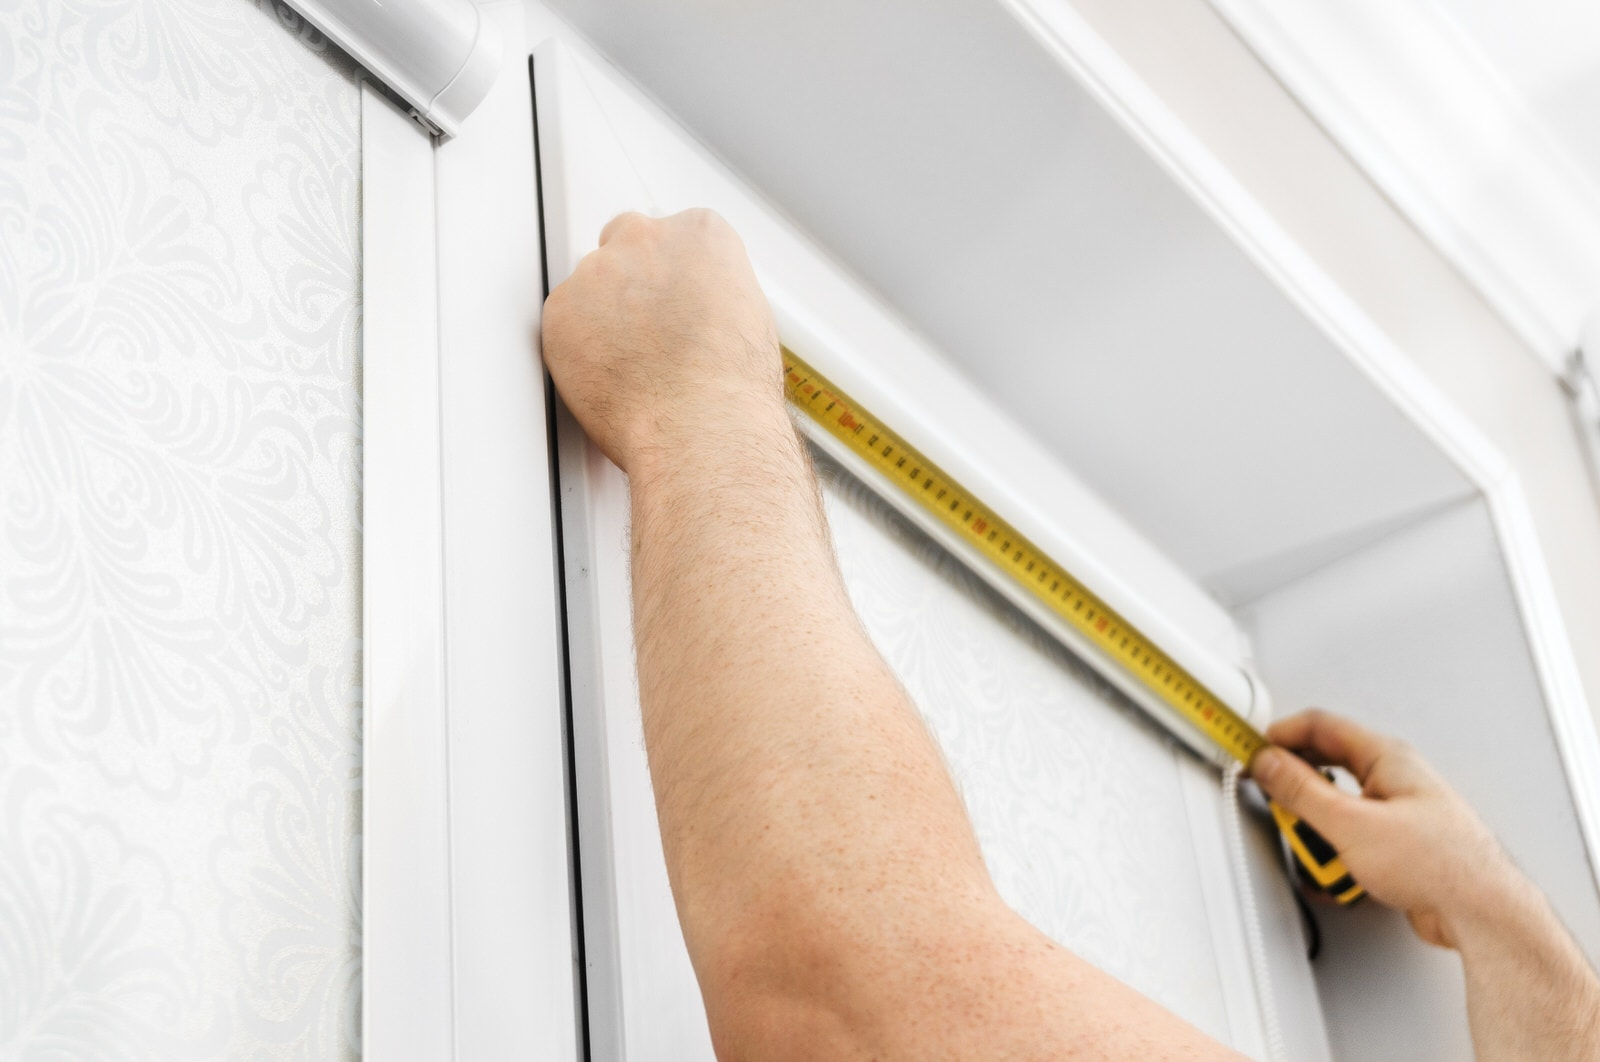 Full Size of Fensterfugen Erneuern Fenster Mit Rollladen Preise Kosten Kalkulieren Heimhelden Bad Wohnzimmer Fensterfugen Erneuern